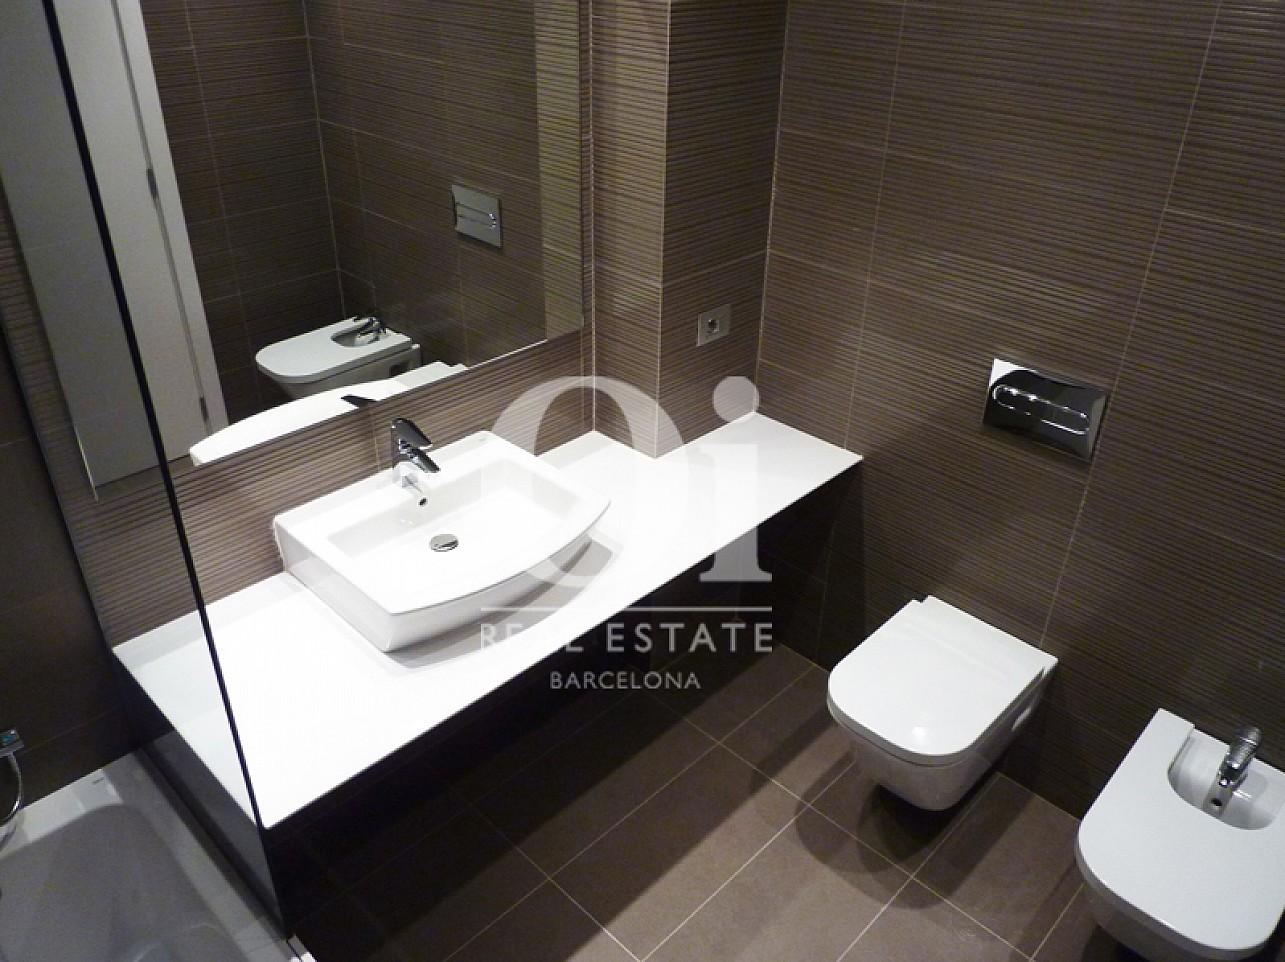 Salle de bain  dans un appartement en vente dans l'Eixample de Barcelone